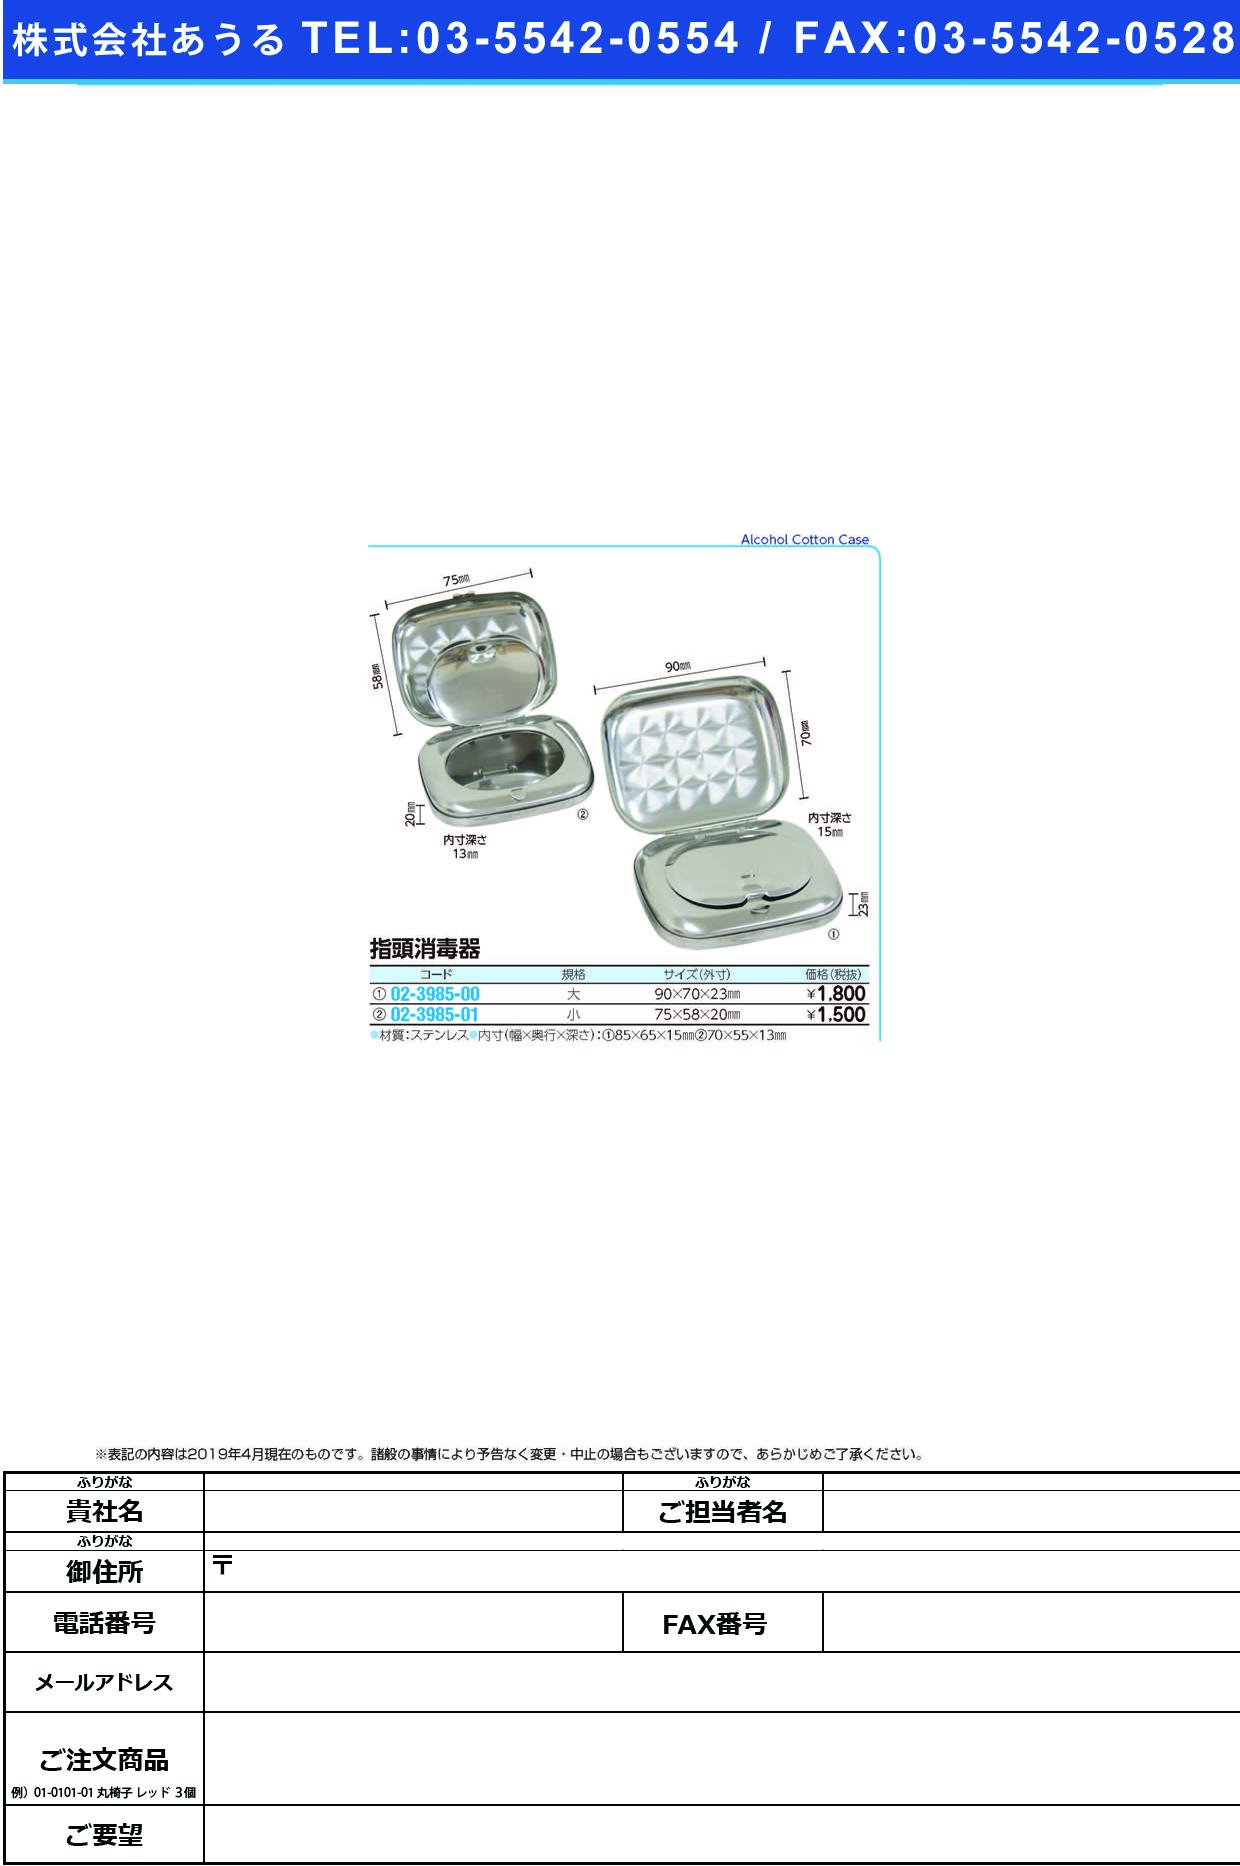 (02-3985-01)指頭消毒器(小)  シトウショウドクキ(ショウ)【1個単位】【2019年カタログ商品】